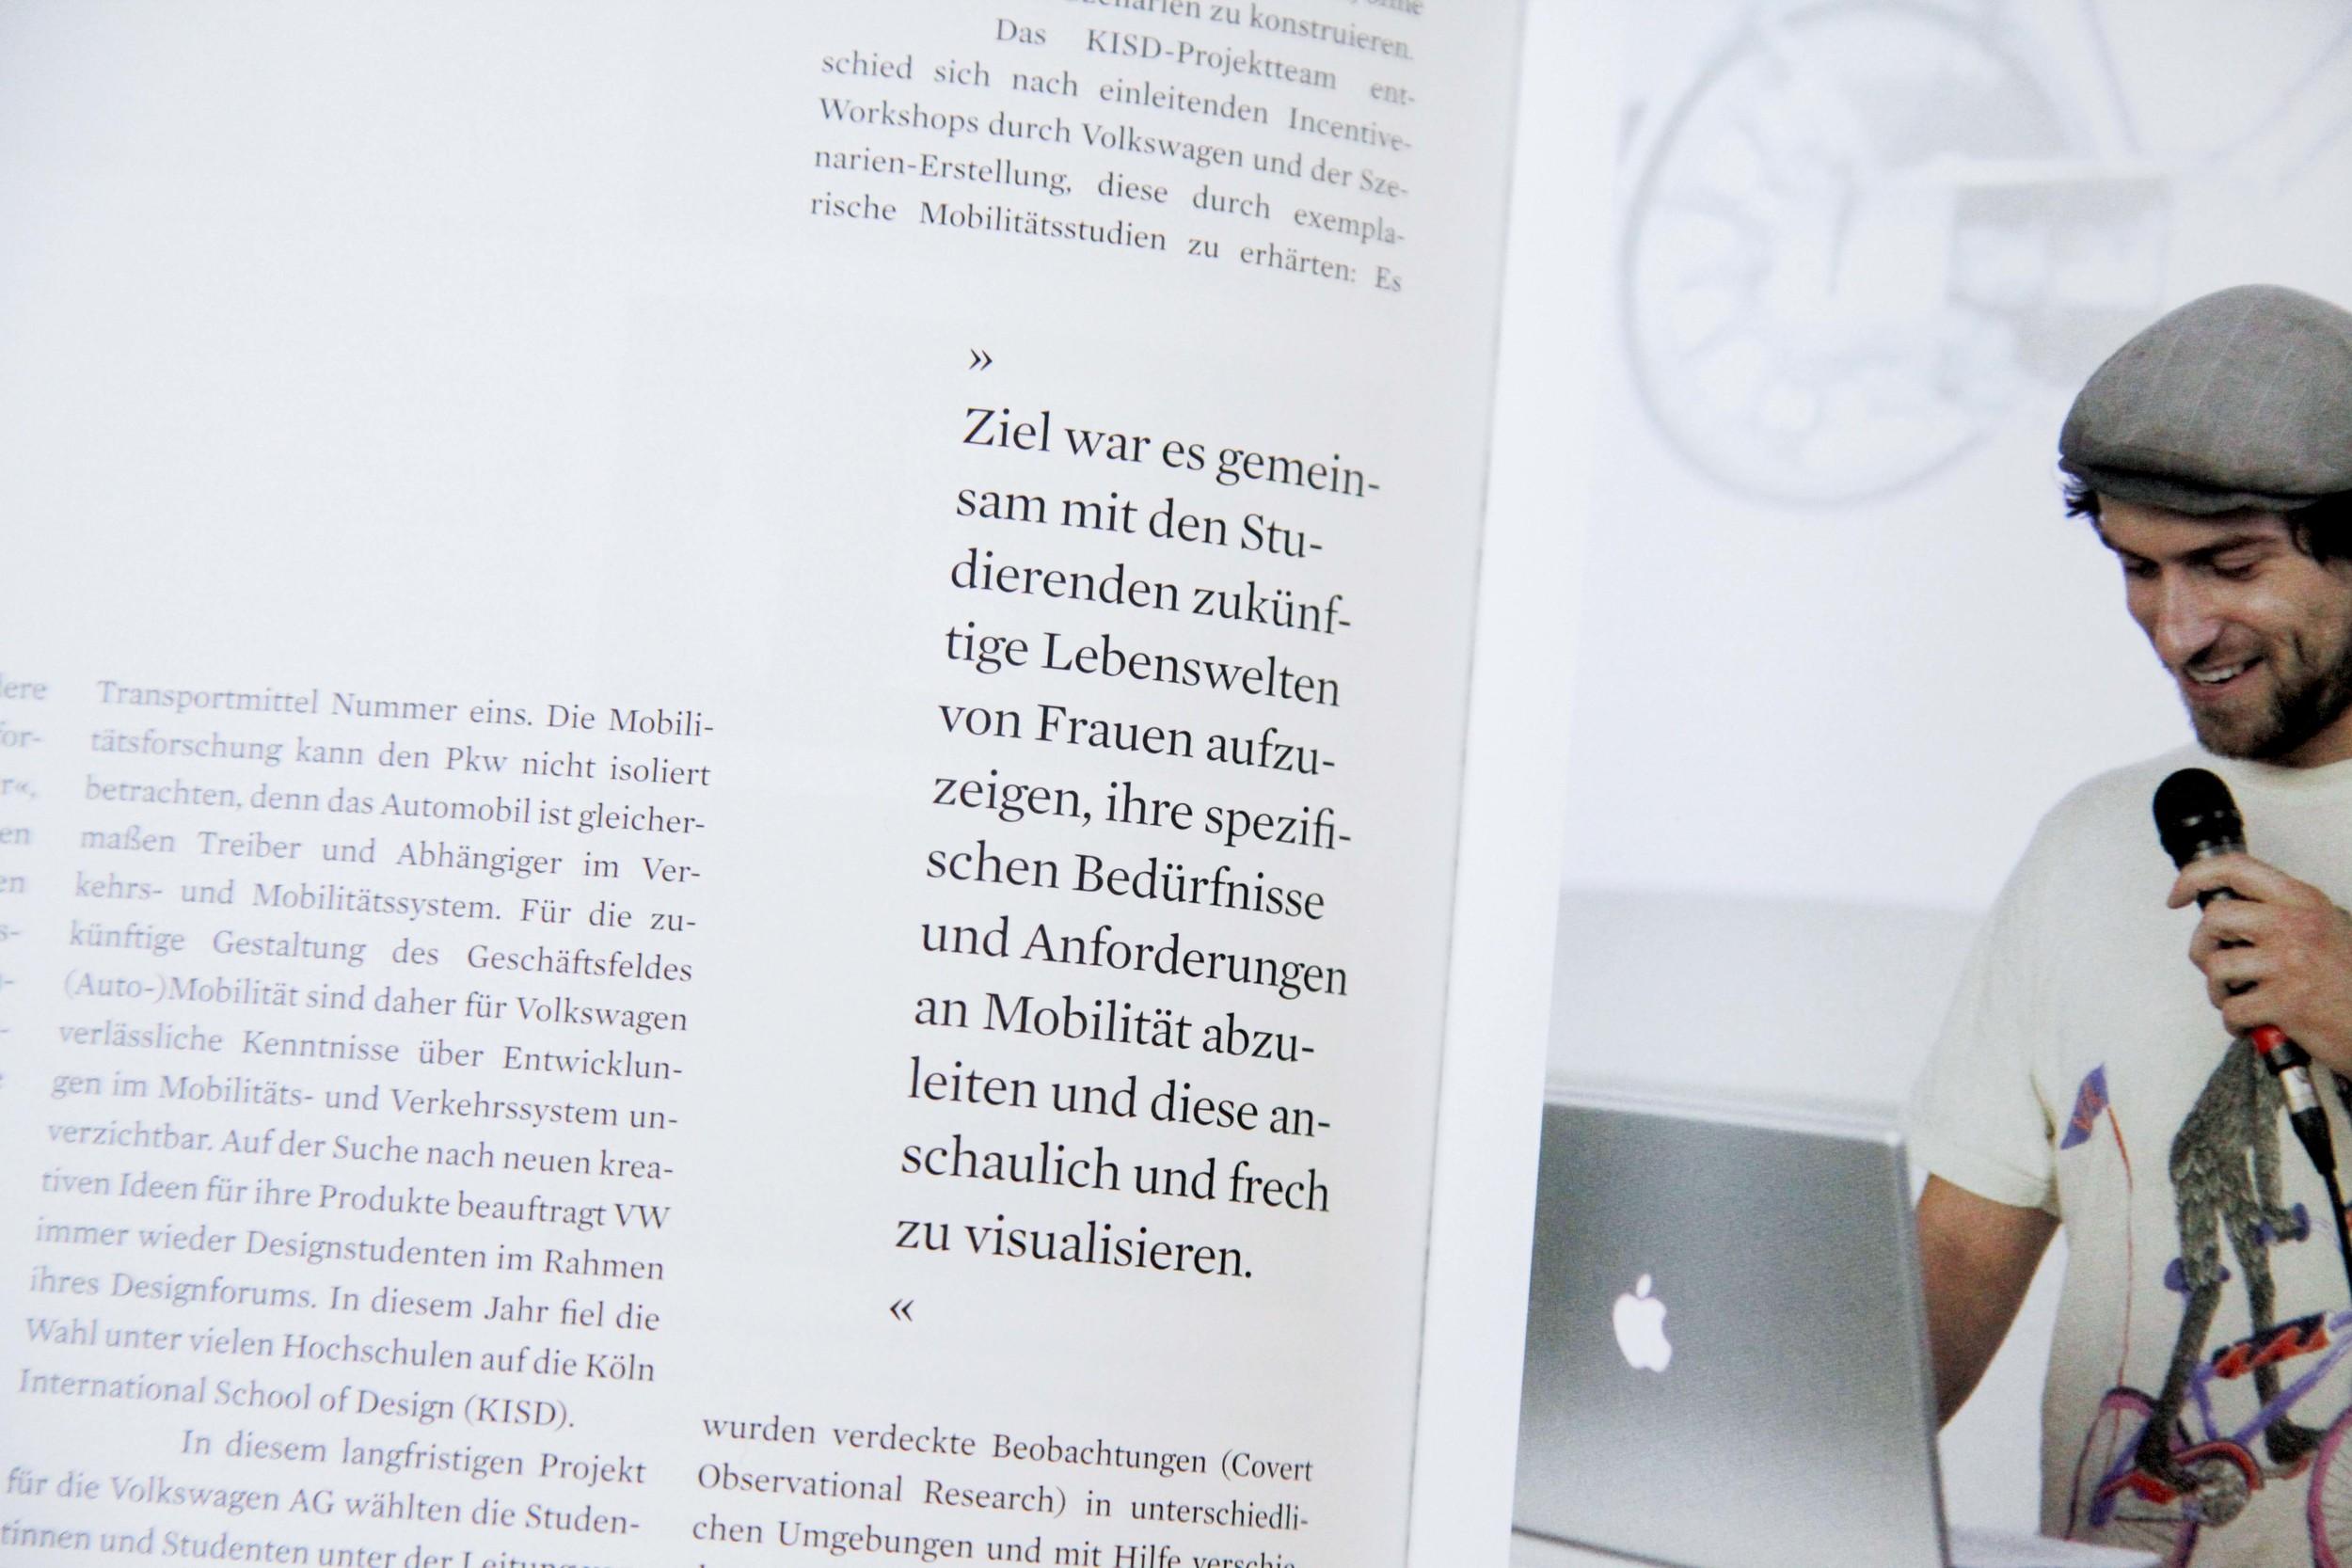 Artikel im Jahrbuch der Köln International School of Design 2009